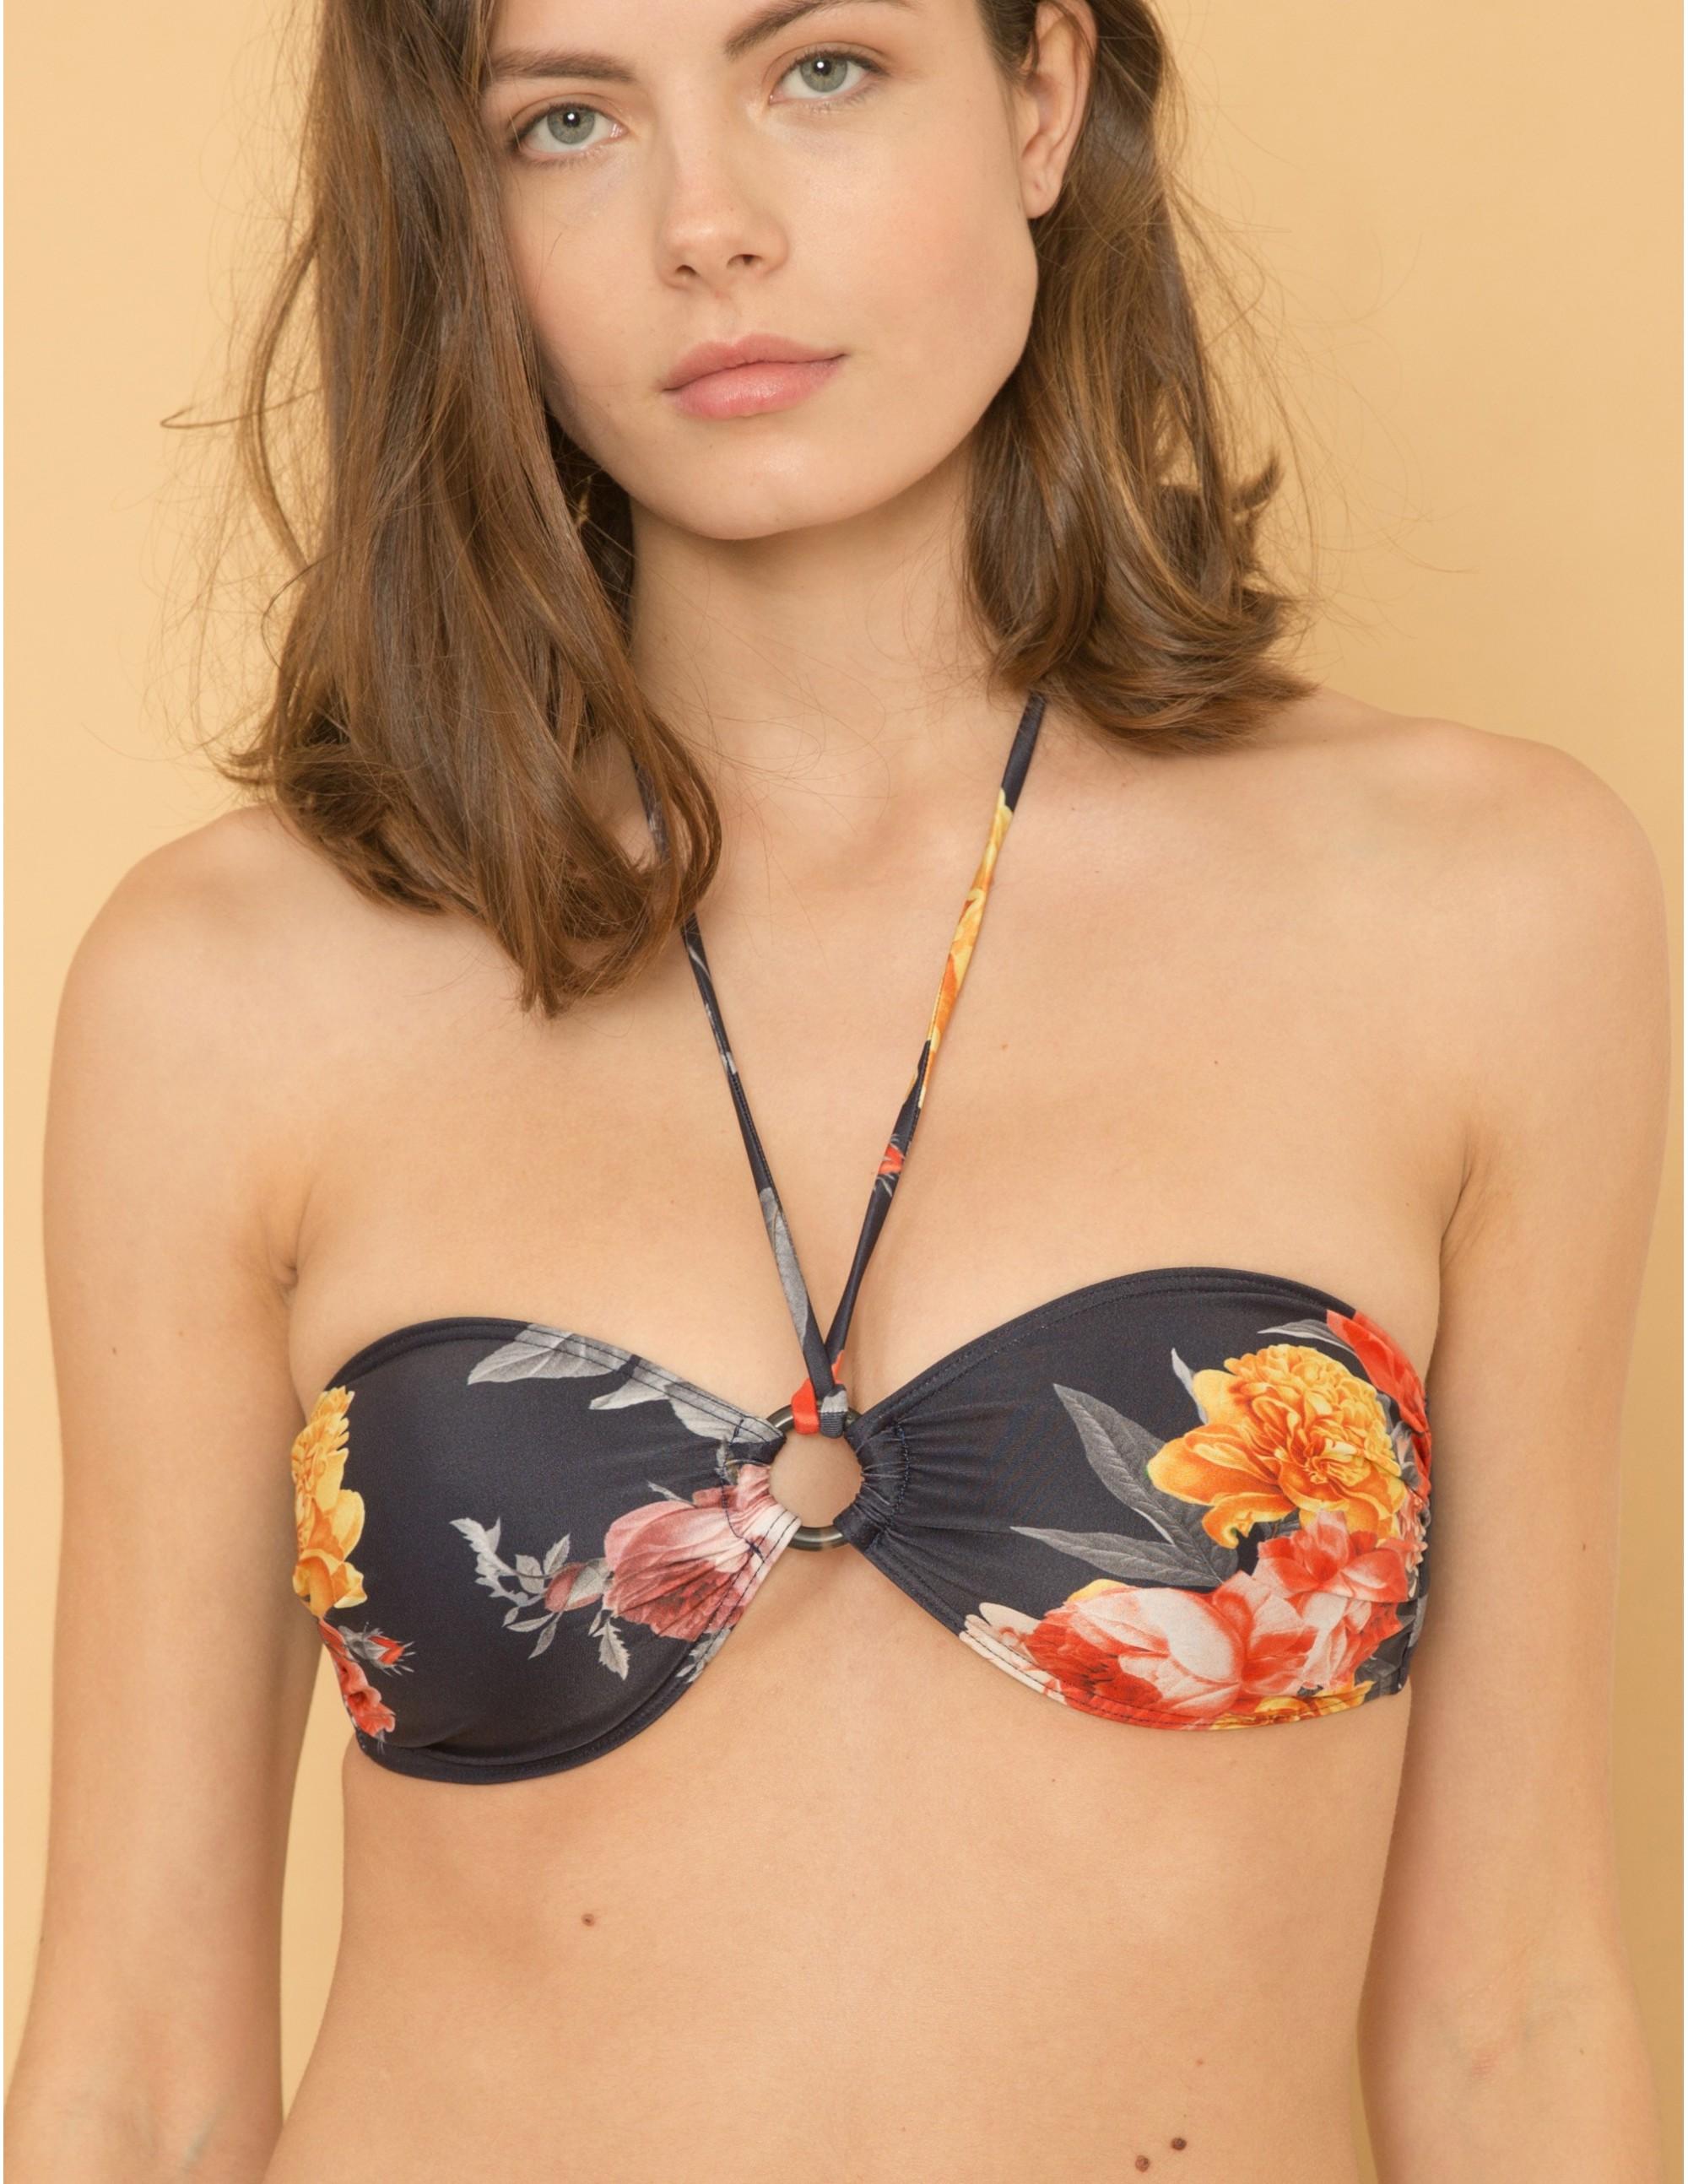 VUMA bikini top - SECRET GARDEN